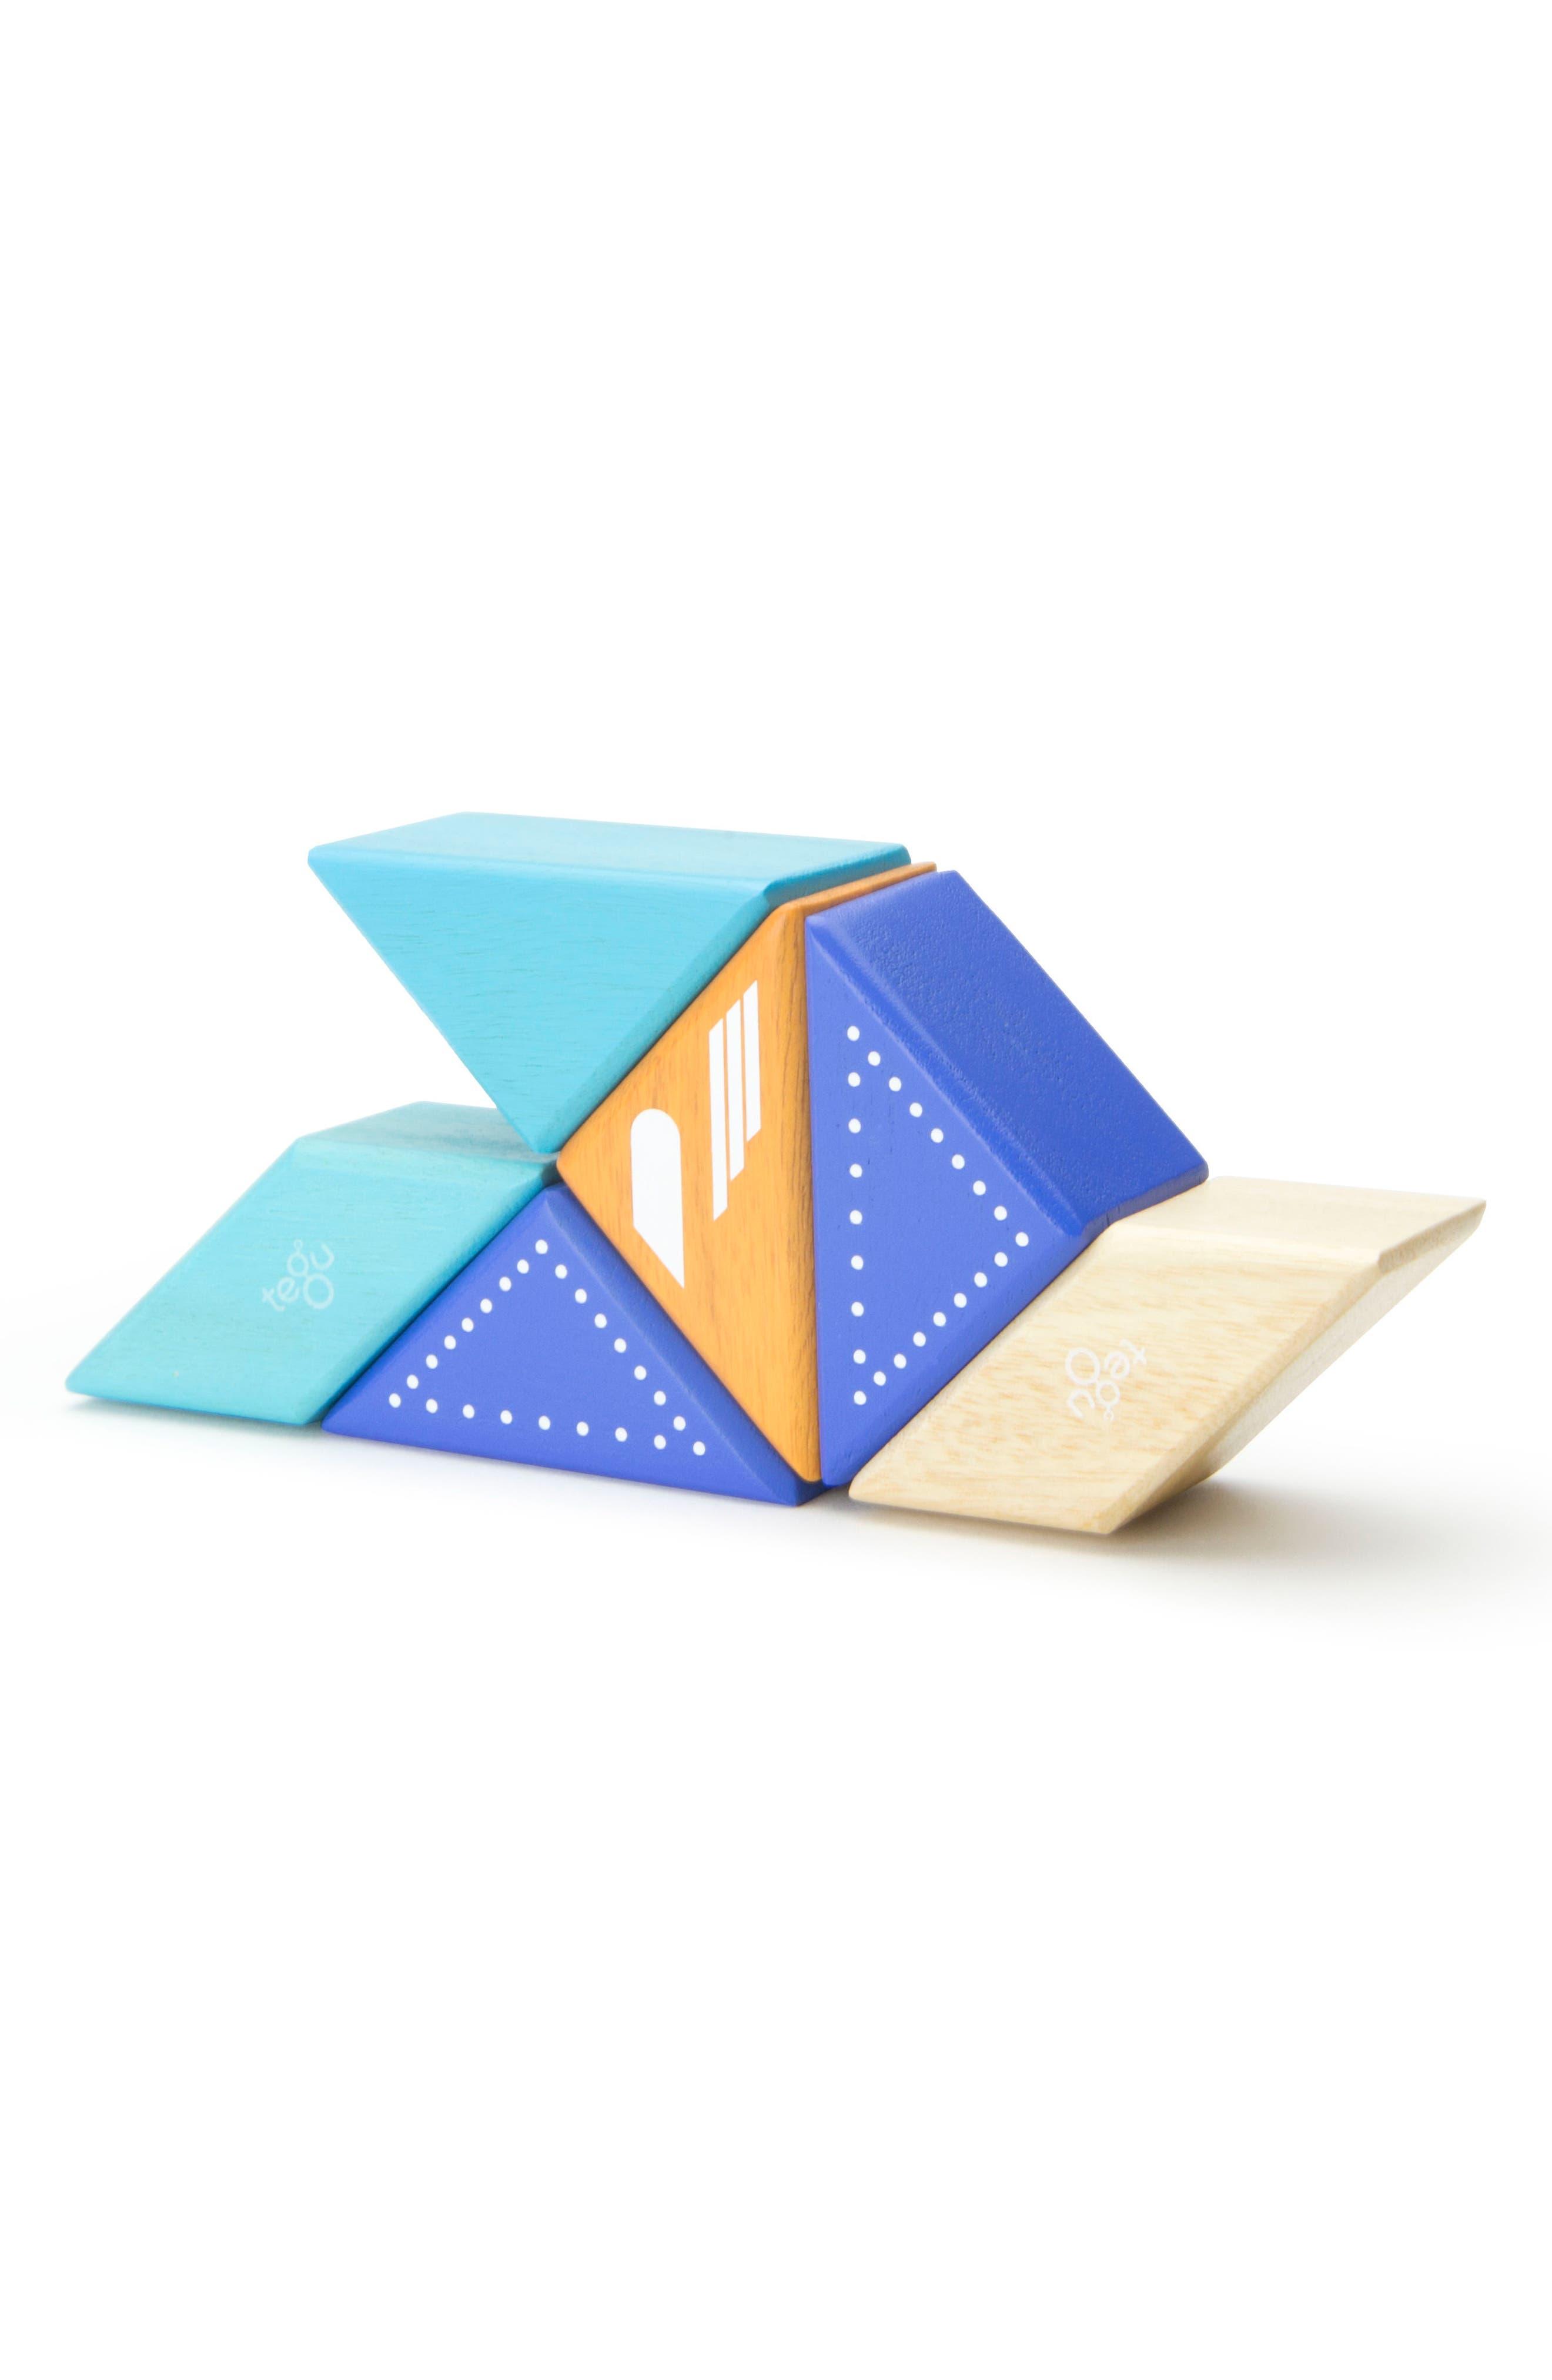 Travel Pals 6-Piece Jet Magnetic Block Set,                             Alternate thumbnail 4, color,                             Blue